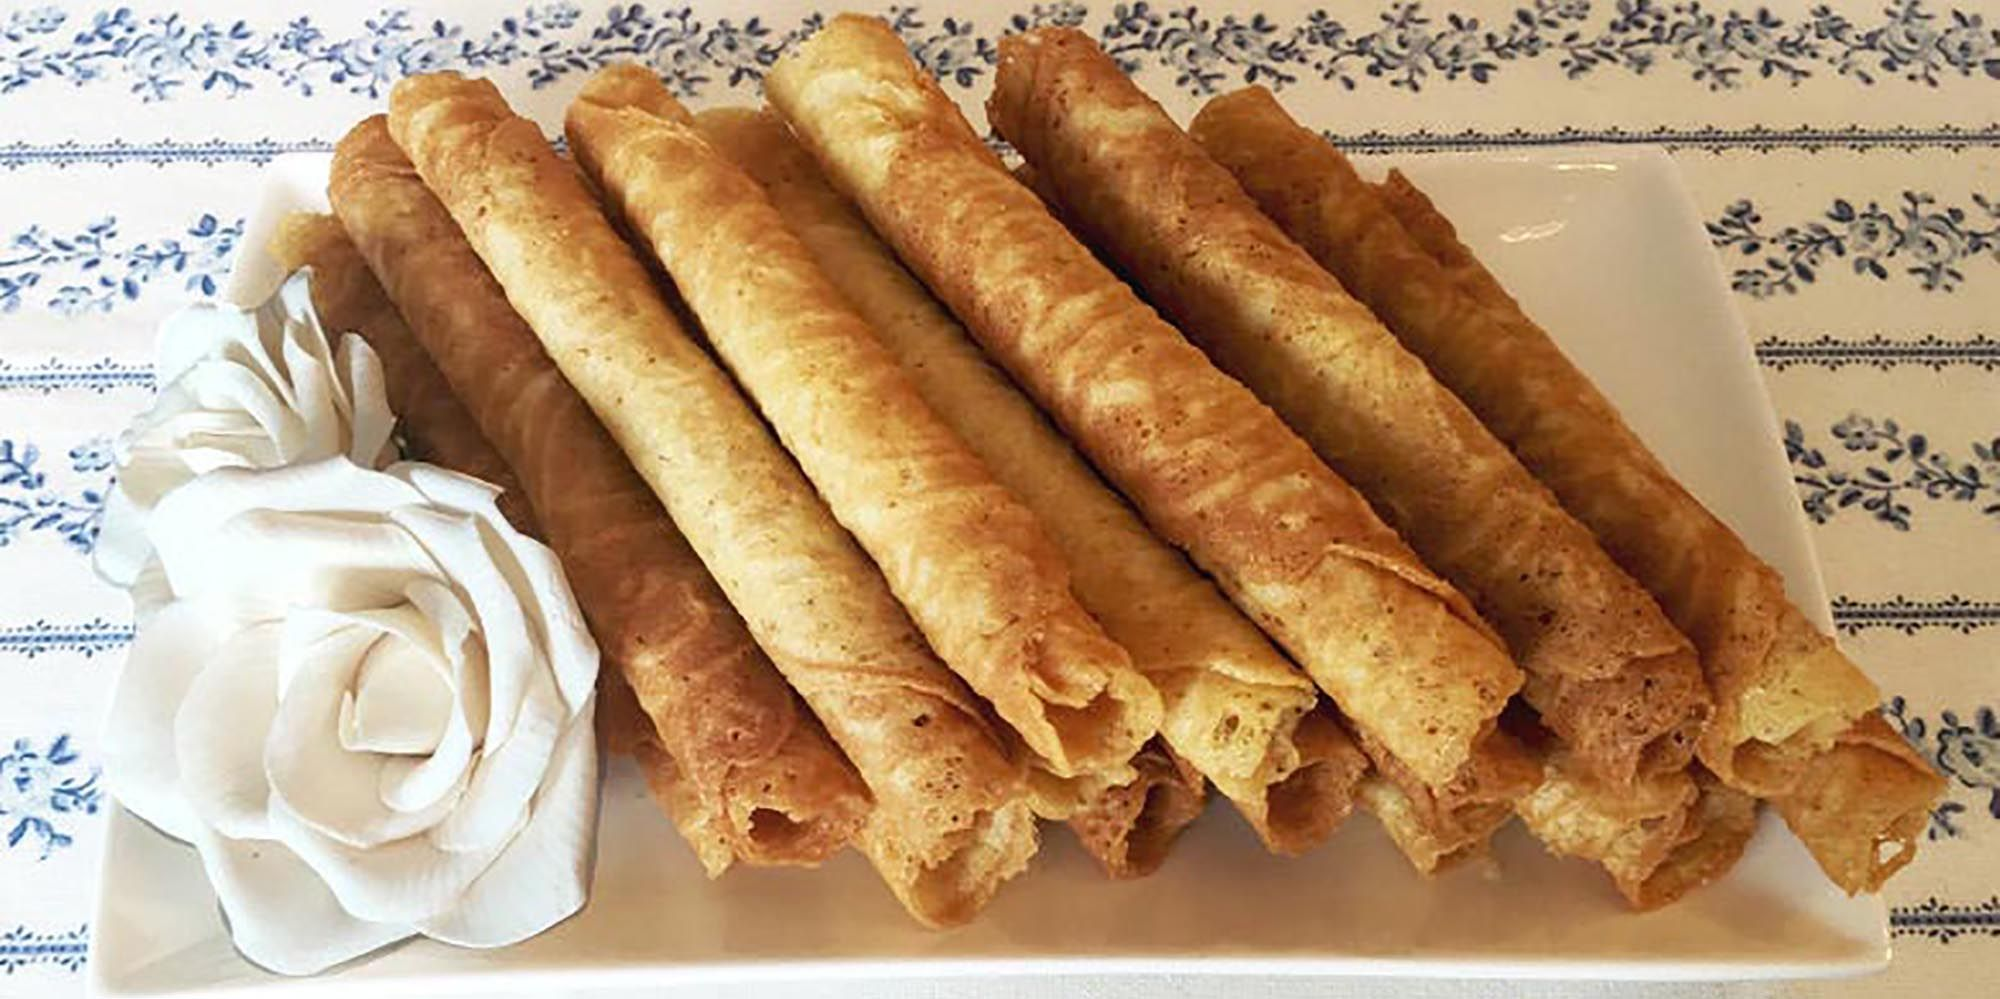 Gefullte Waffeln Russische Art Trubochki Rezept Waffeln Kochen Und Backen Essen Und Trinken